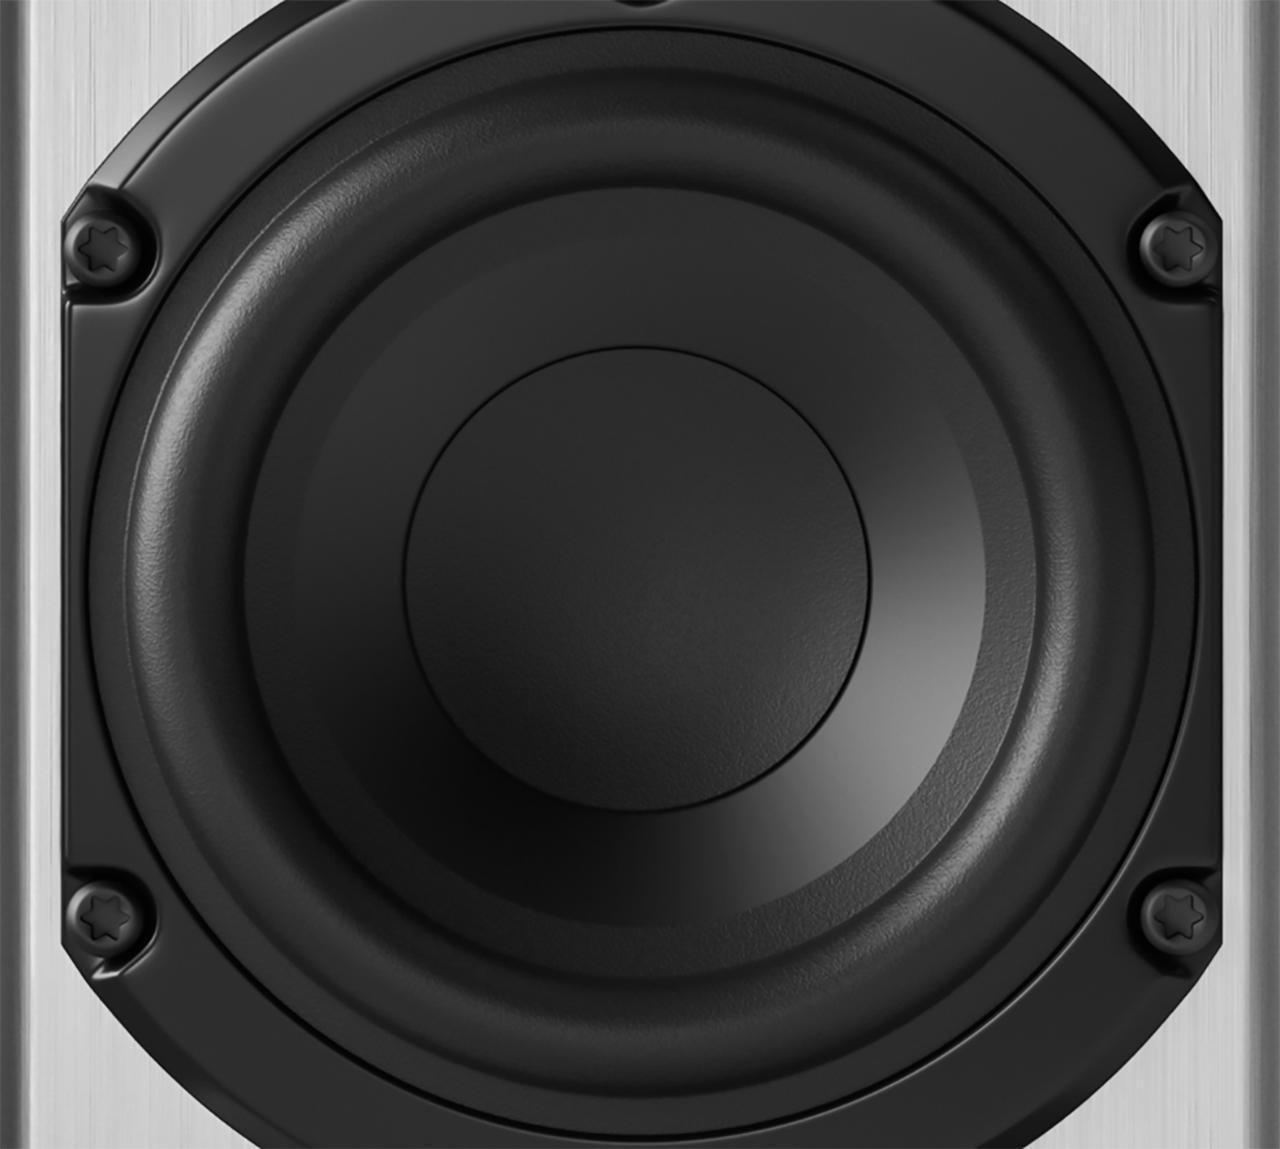 画像: Premiumシリーズにも使用しているピエガオリジナルのMDSウーファーはACE用に再設計されており、小口径ながら豊かな低音再生能力を持つ